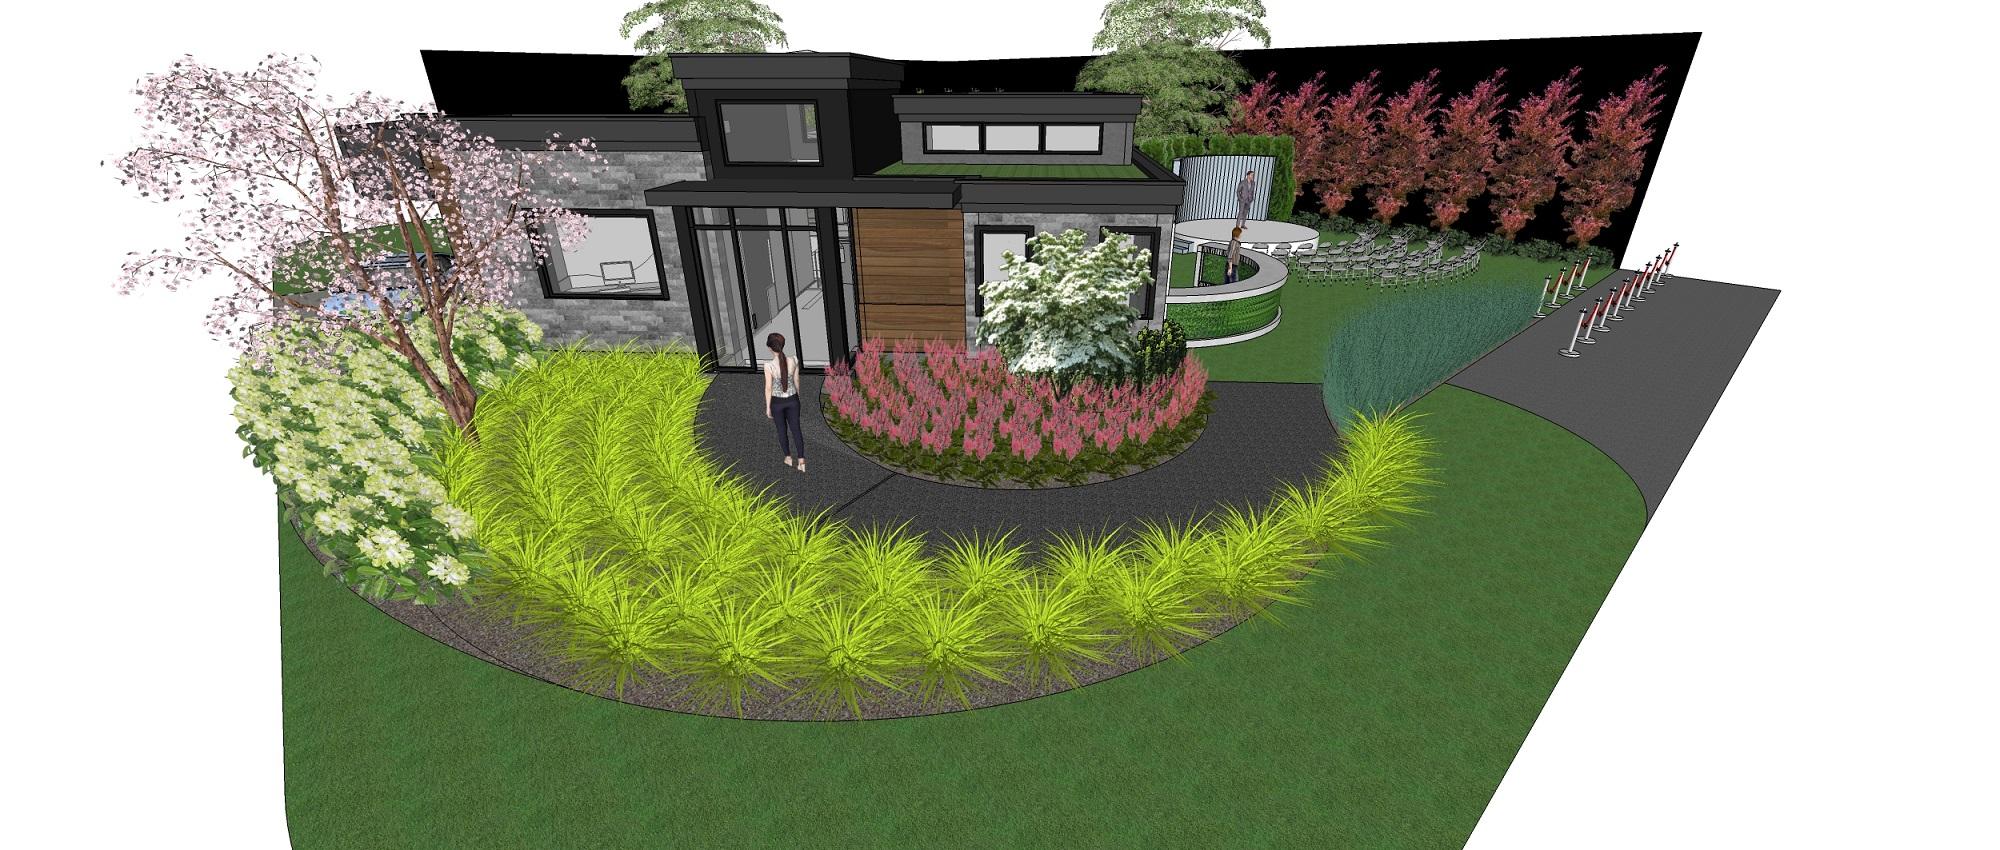 National Home Show - Future Dream Home_4.jpg